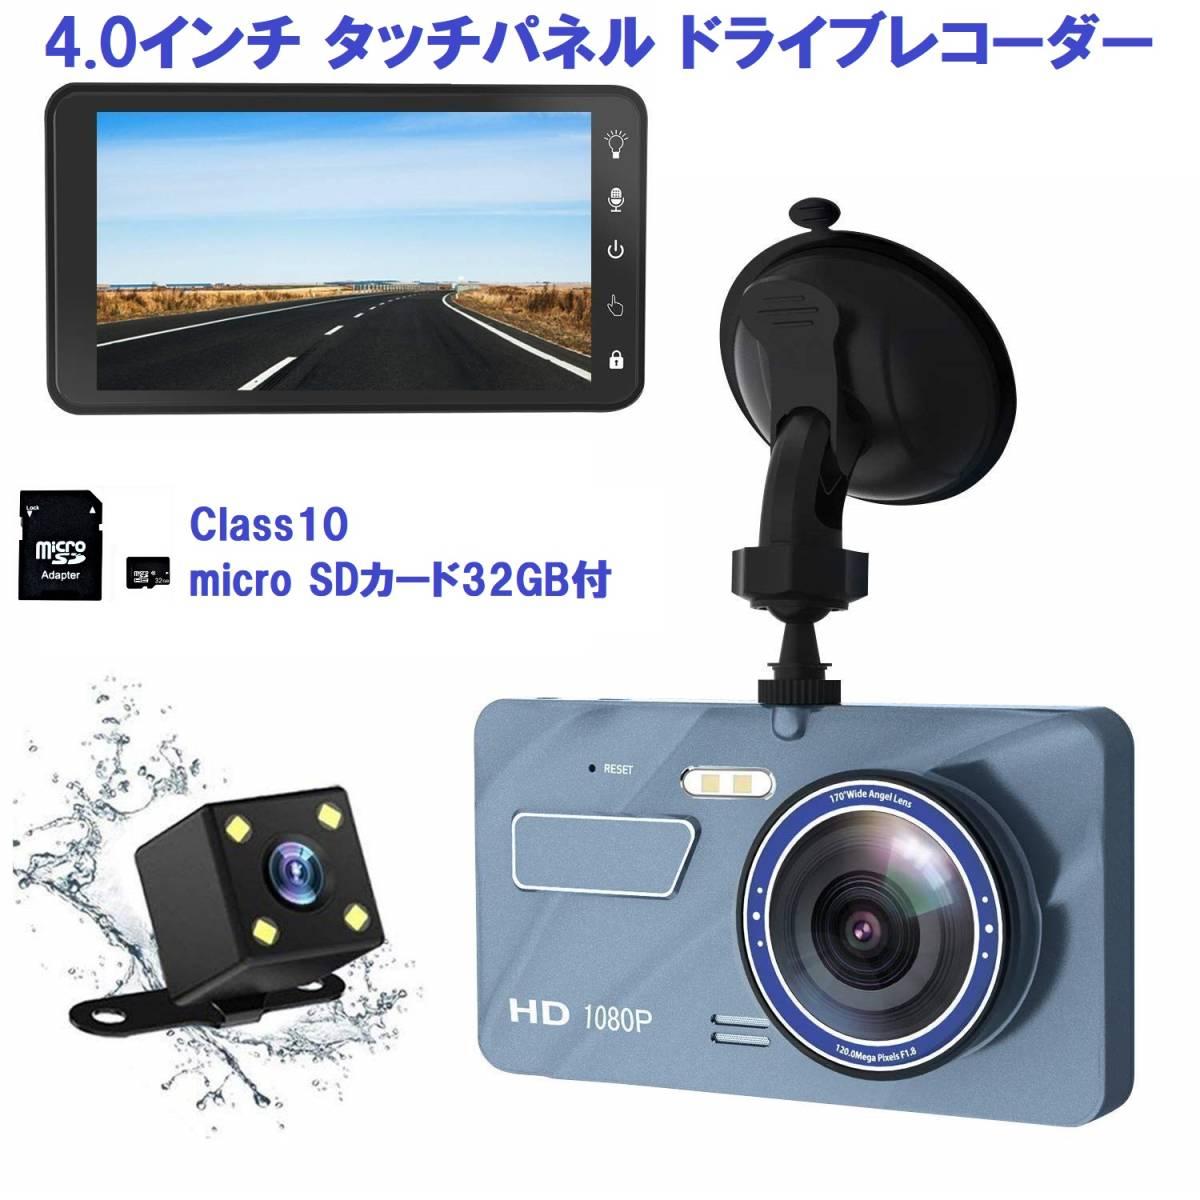 送料無料 32GB SDカード付 ドライブレコーダー A10 前後カメラ 4インチIPSタッチパネル 6層レンズ HDR機能 フルHD 1080P 日本製説明書 新品